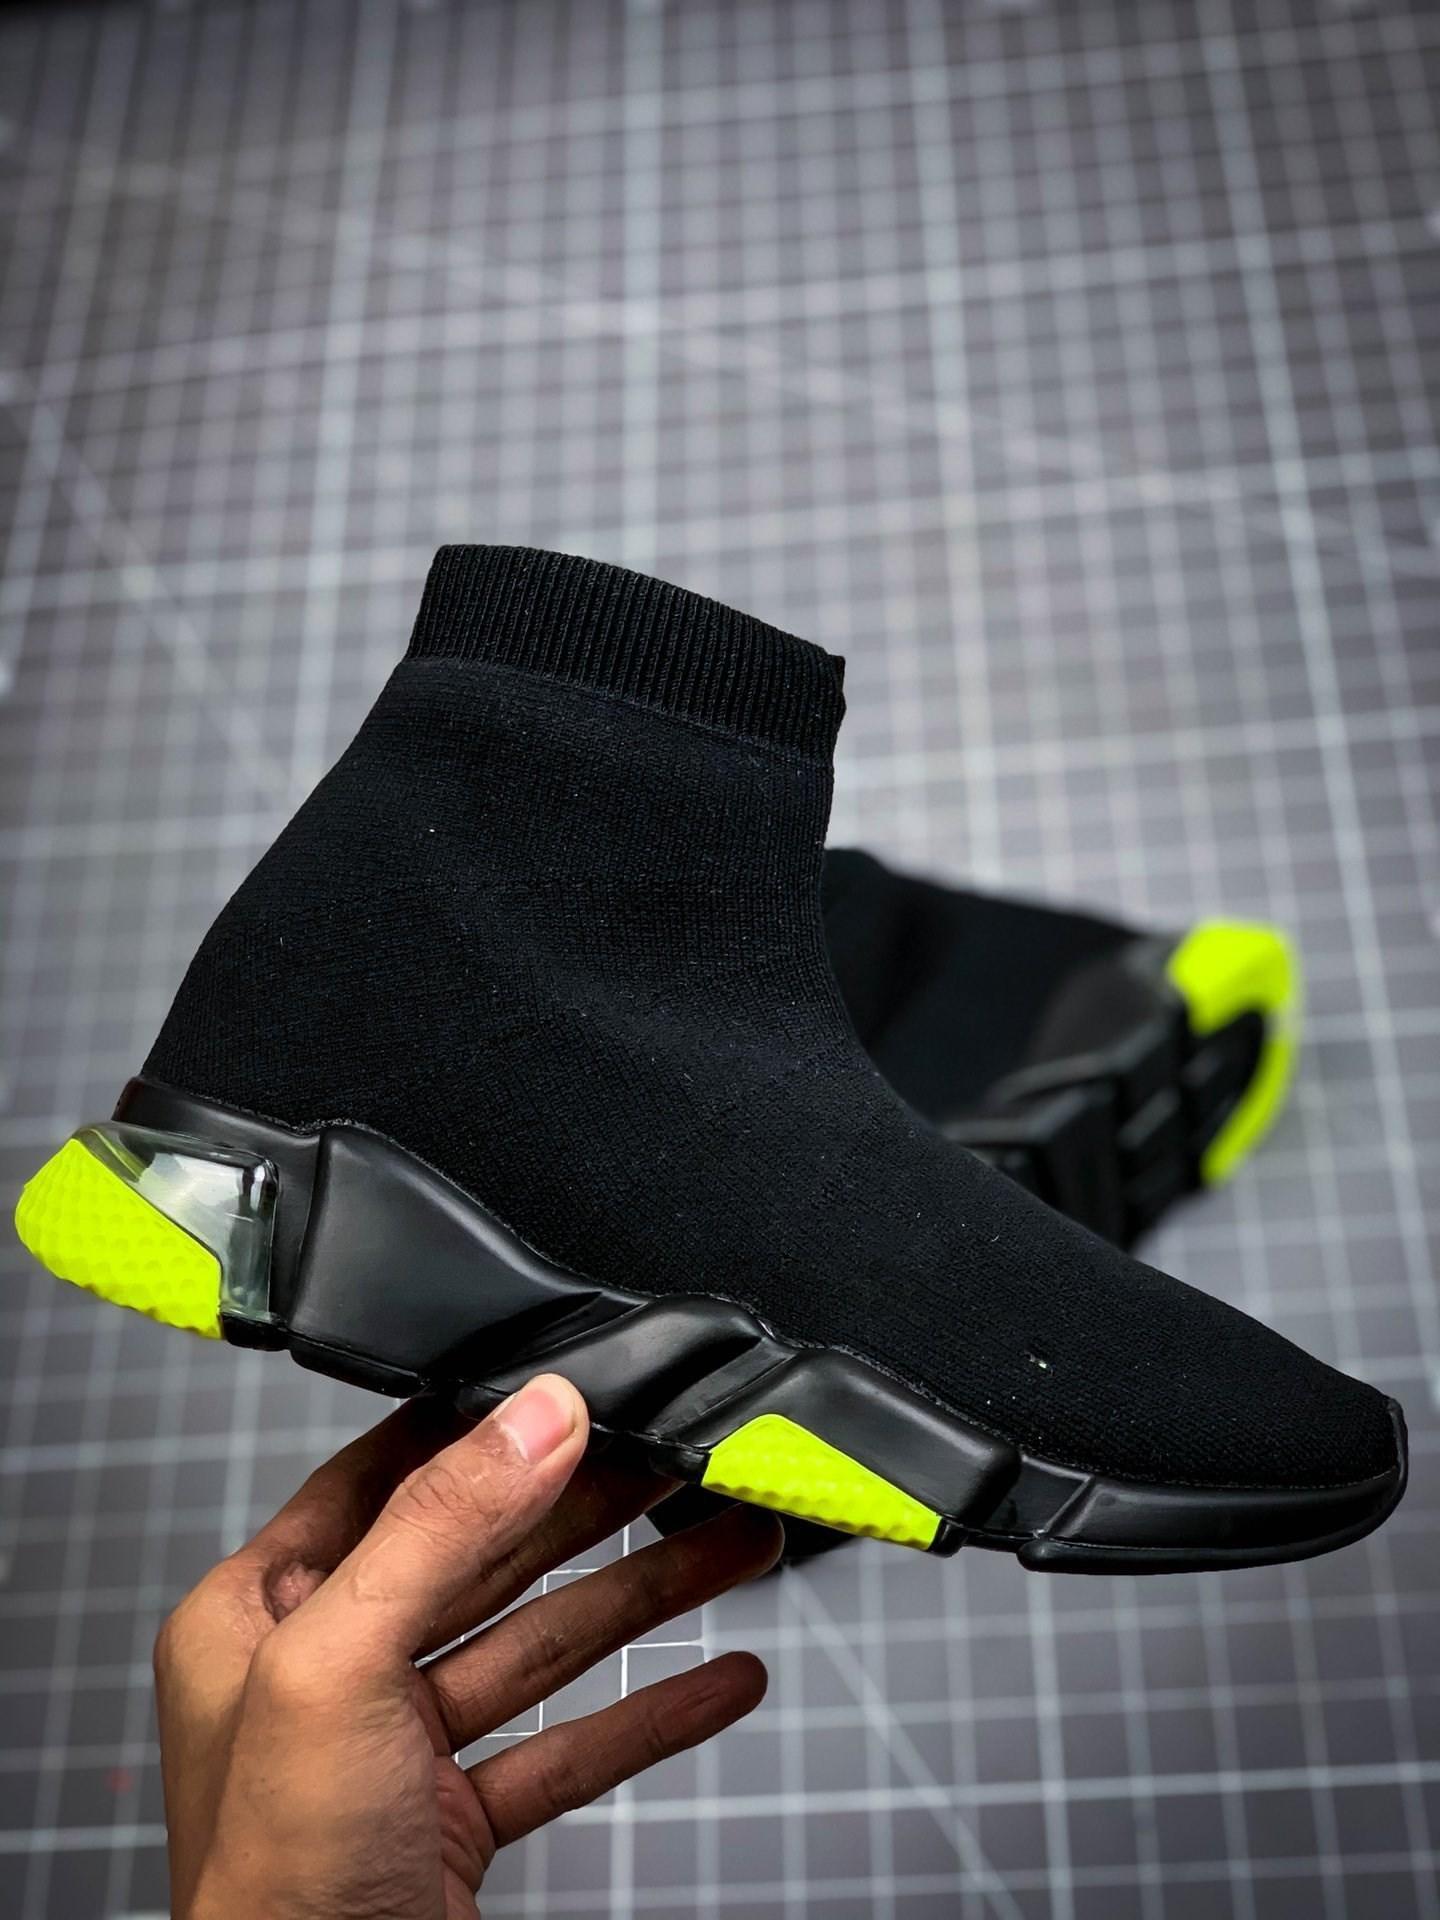 Balenciaga shoes 2020 أحذية جديدة باريس المصمم سرعة مدرب أسود أحمر جيبسوفيلا الثلاثي الأسود الأزياء شقة سوك أحذية الرجال النساء أحذية عارضة الاحذية